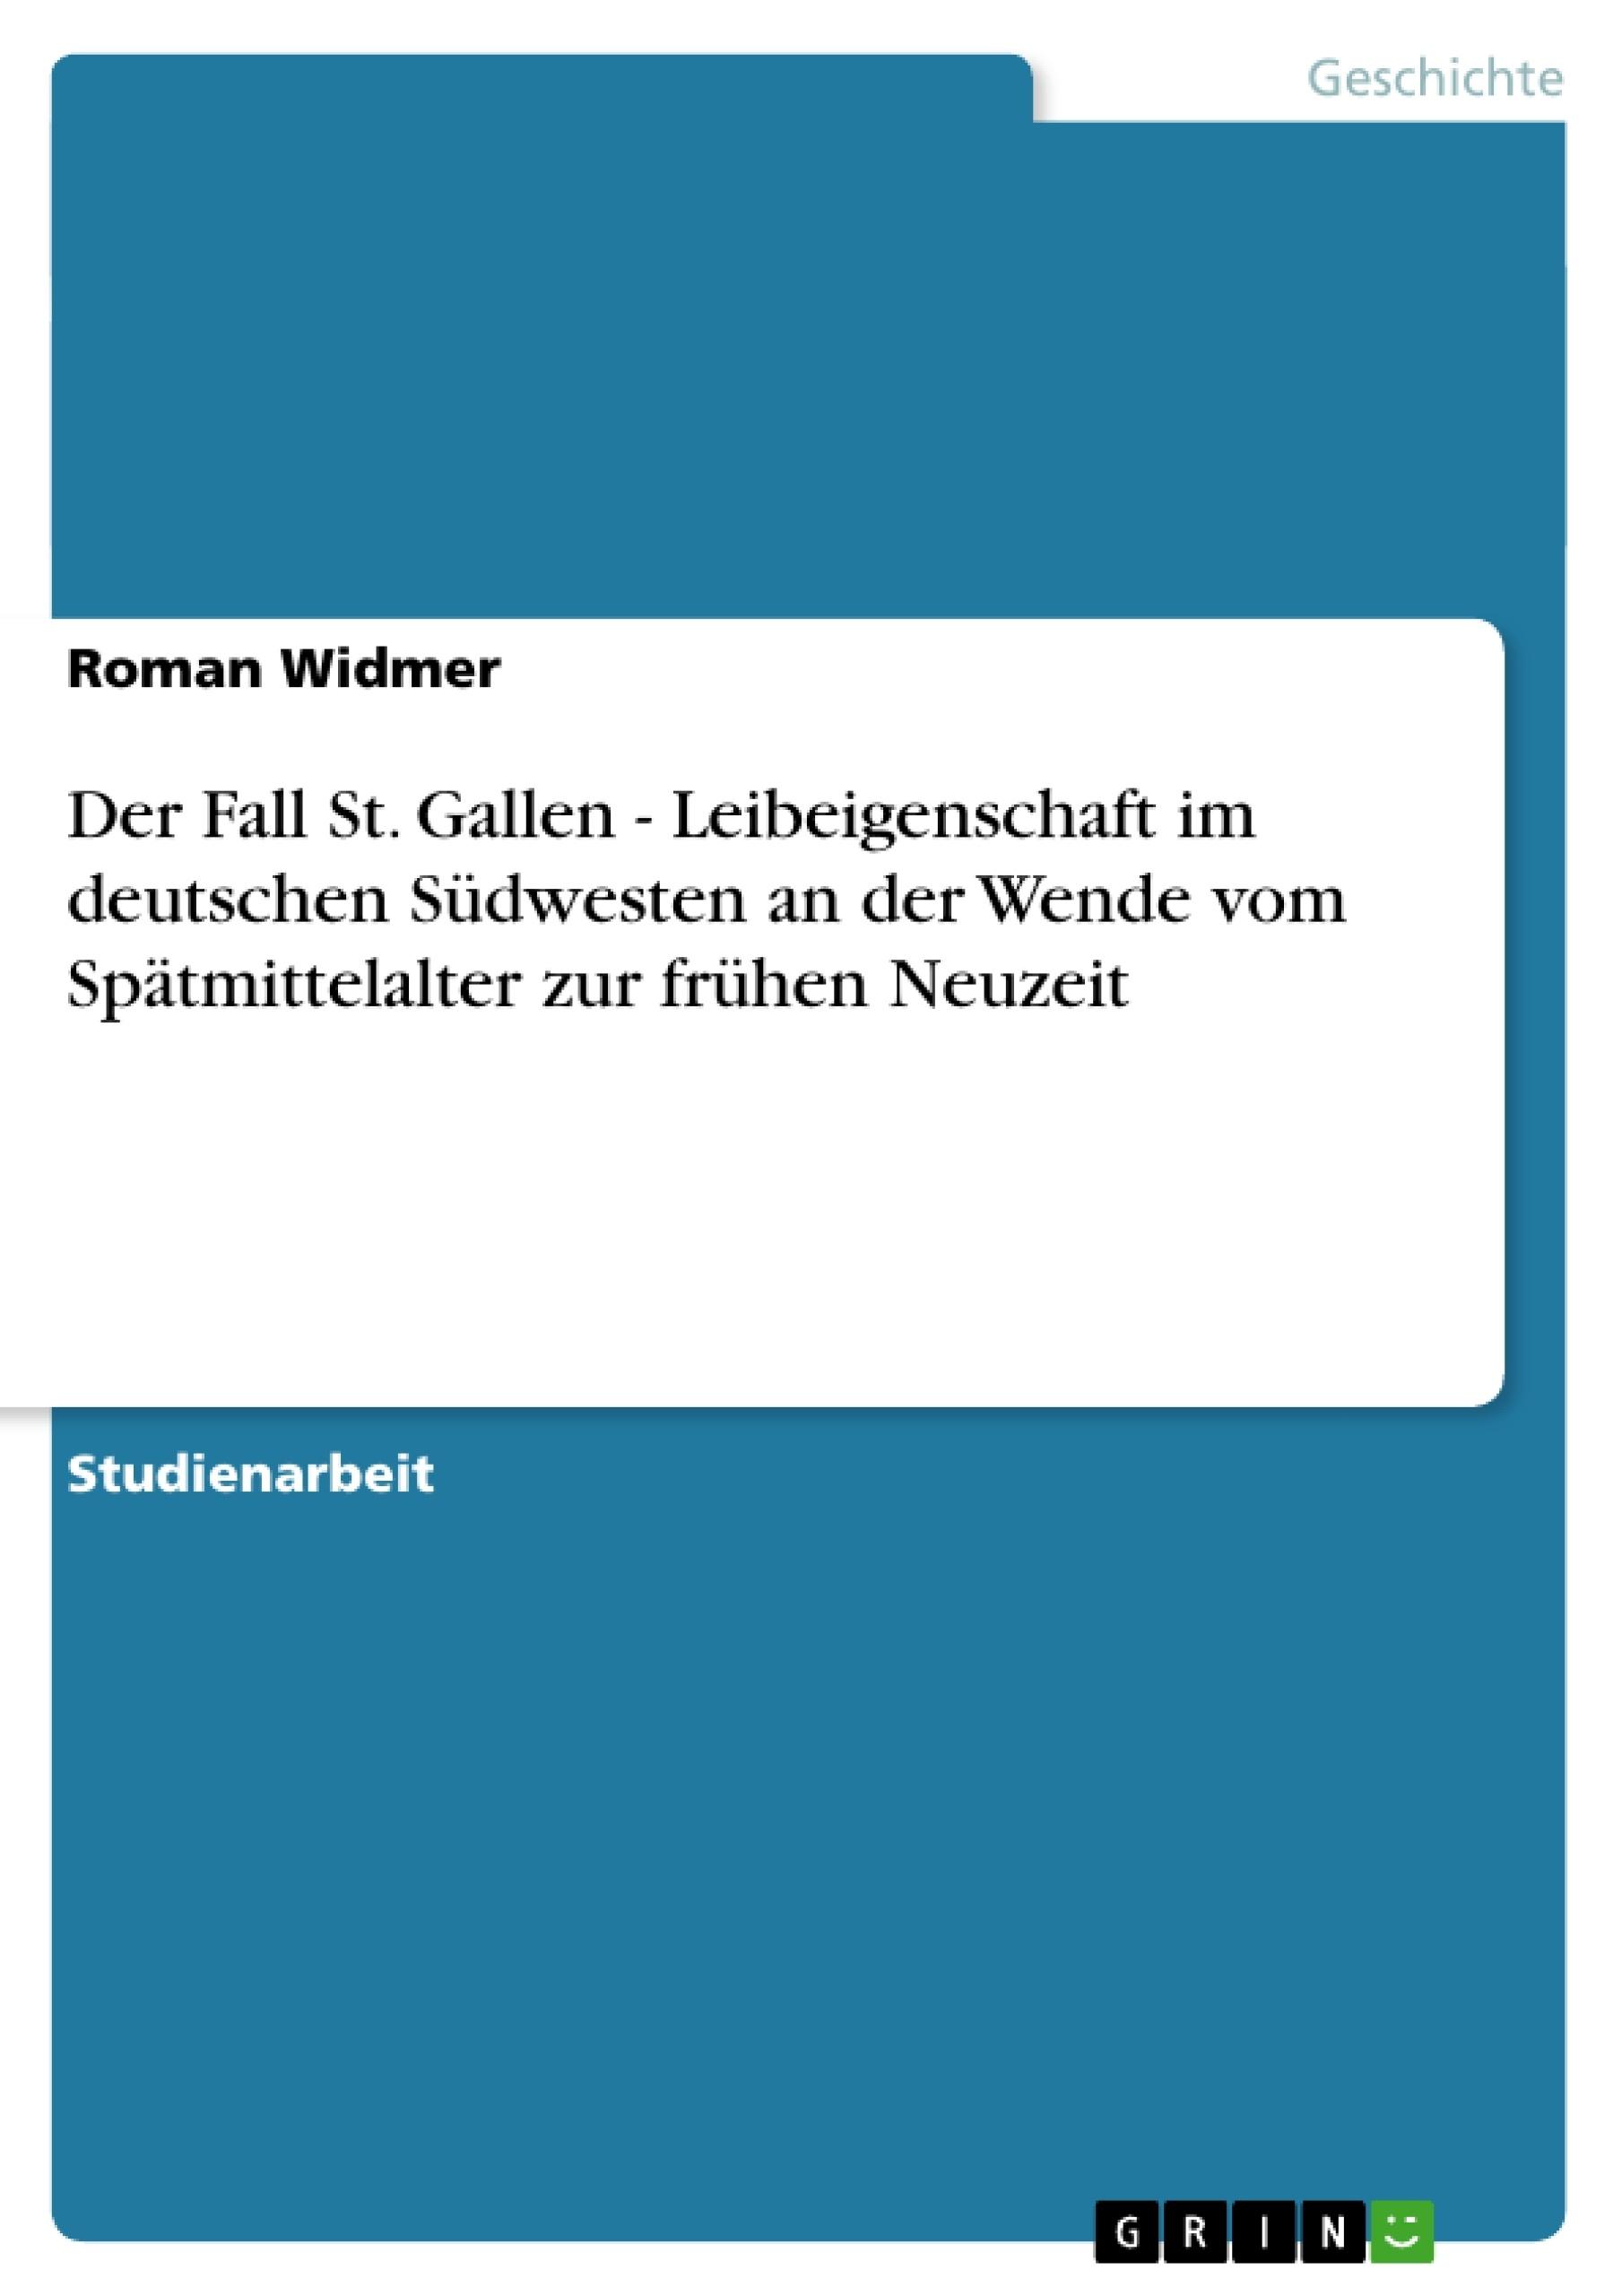 Titel: Der Fall St. Gallen - Leibeigenschaft im deutschen Südwesten an der Wende vom Spätmittelalter zur frühen Neuzeit